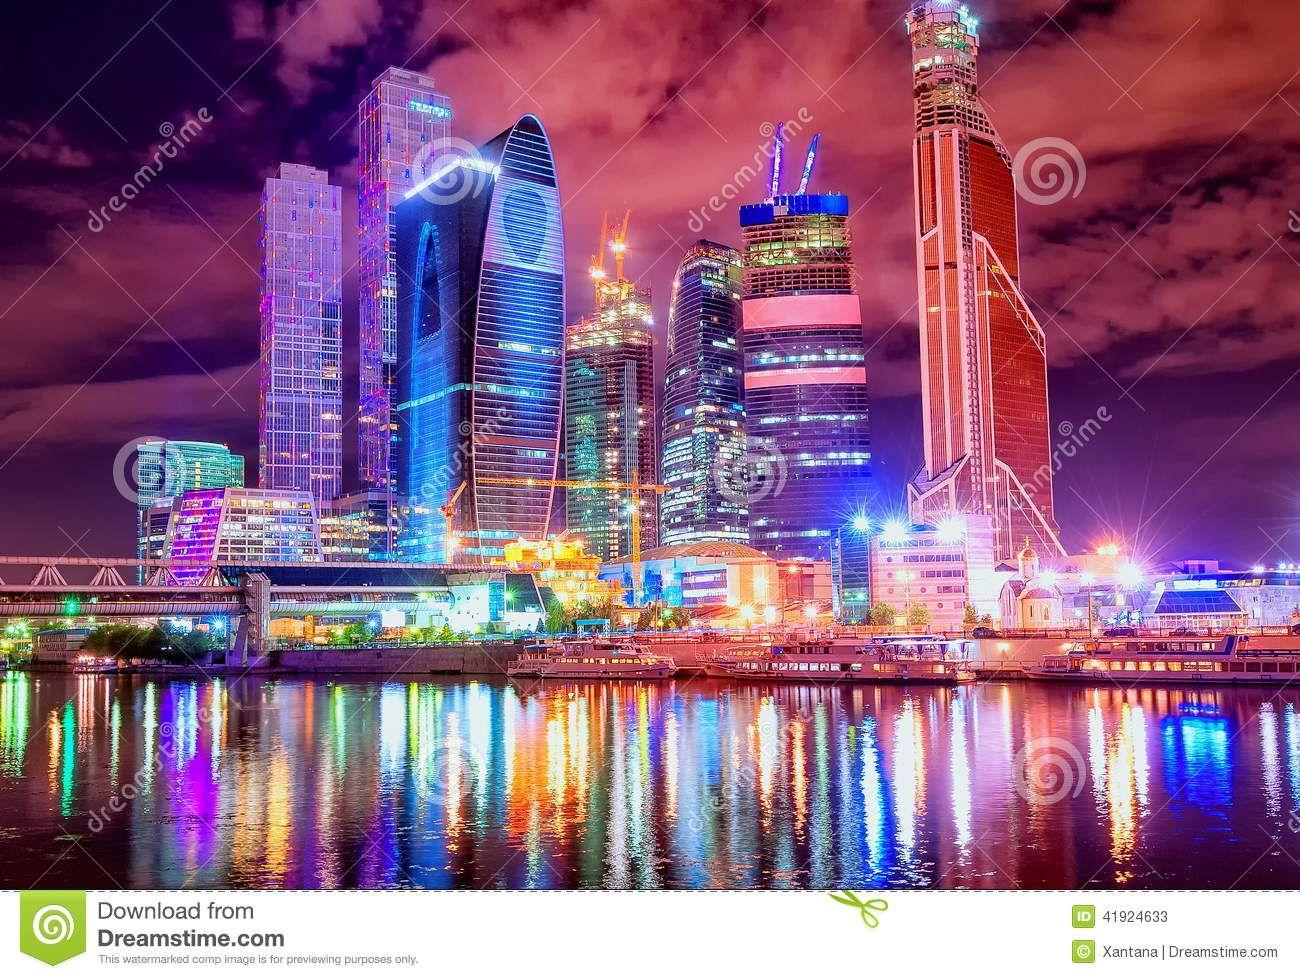 Città Di Mosca Entro La Notte - Scarica tra oltre 59 milioni di Foto, Immagini e Vettoriali Stock ad Alta Qualità . Iscriviti GRATUITAMENTE oggi. Immagine: 41924633